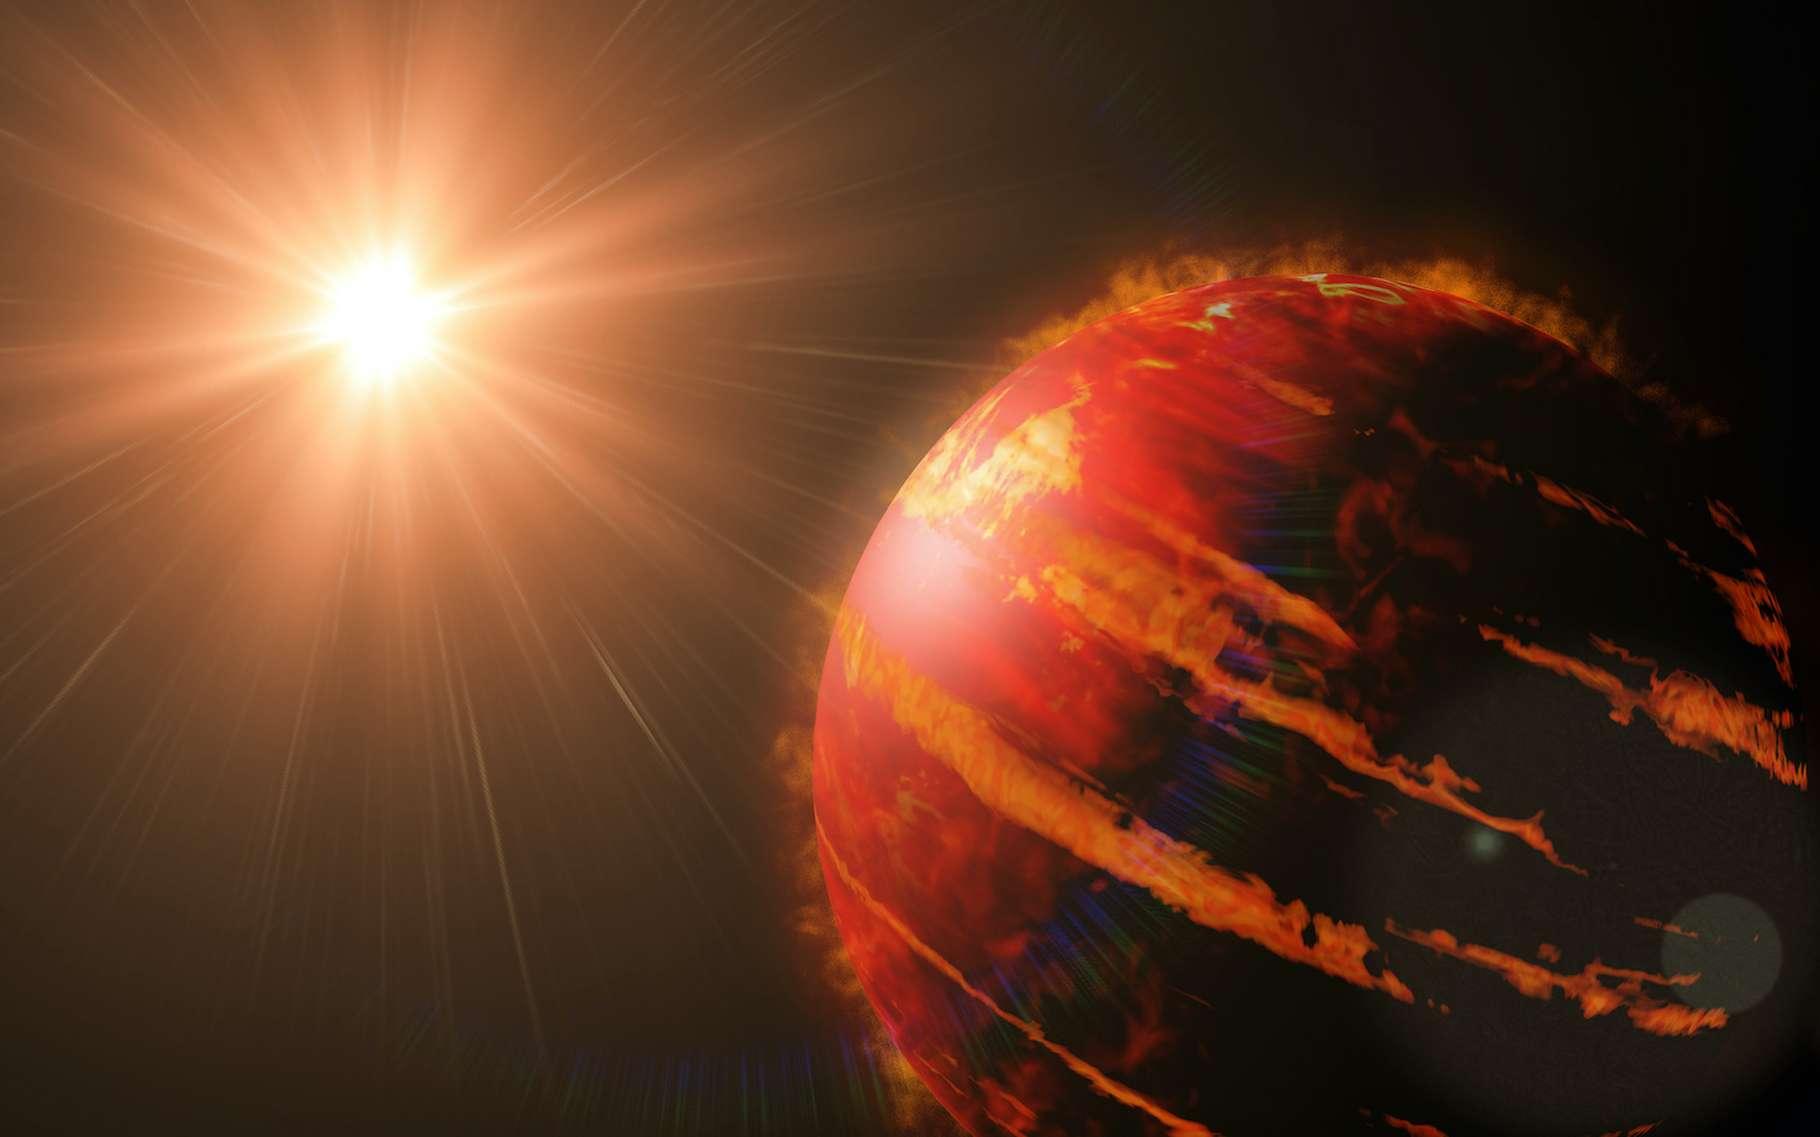 Des astronomes de l'université Cornell (États-Unis) ont découvert du calcium ionisé dans l'atmosphère d'une exoplanète. De quoi les renseigner sur les conditions dantesques qui règnent sur WASP-76b. © dottedyeti, Adobe Stock